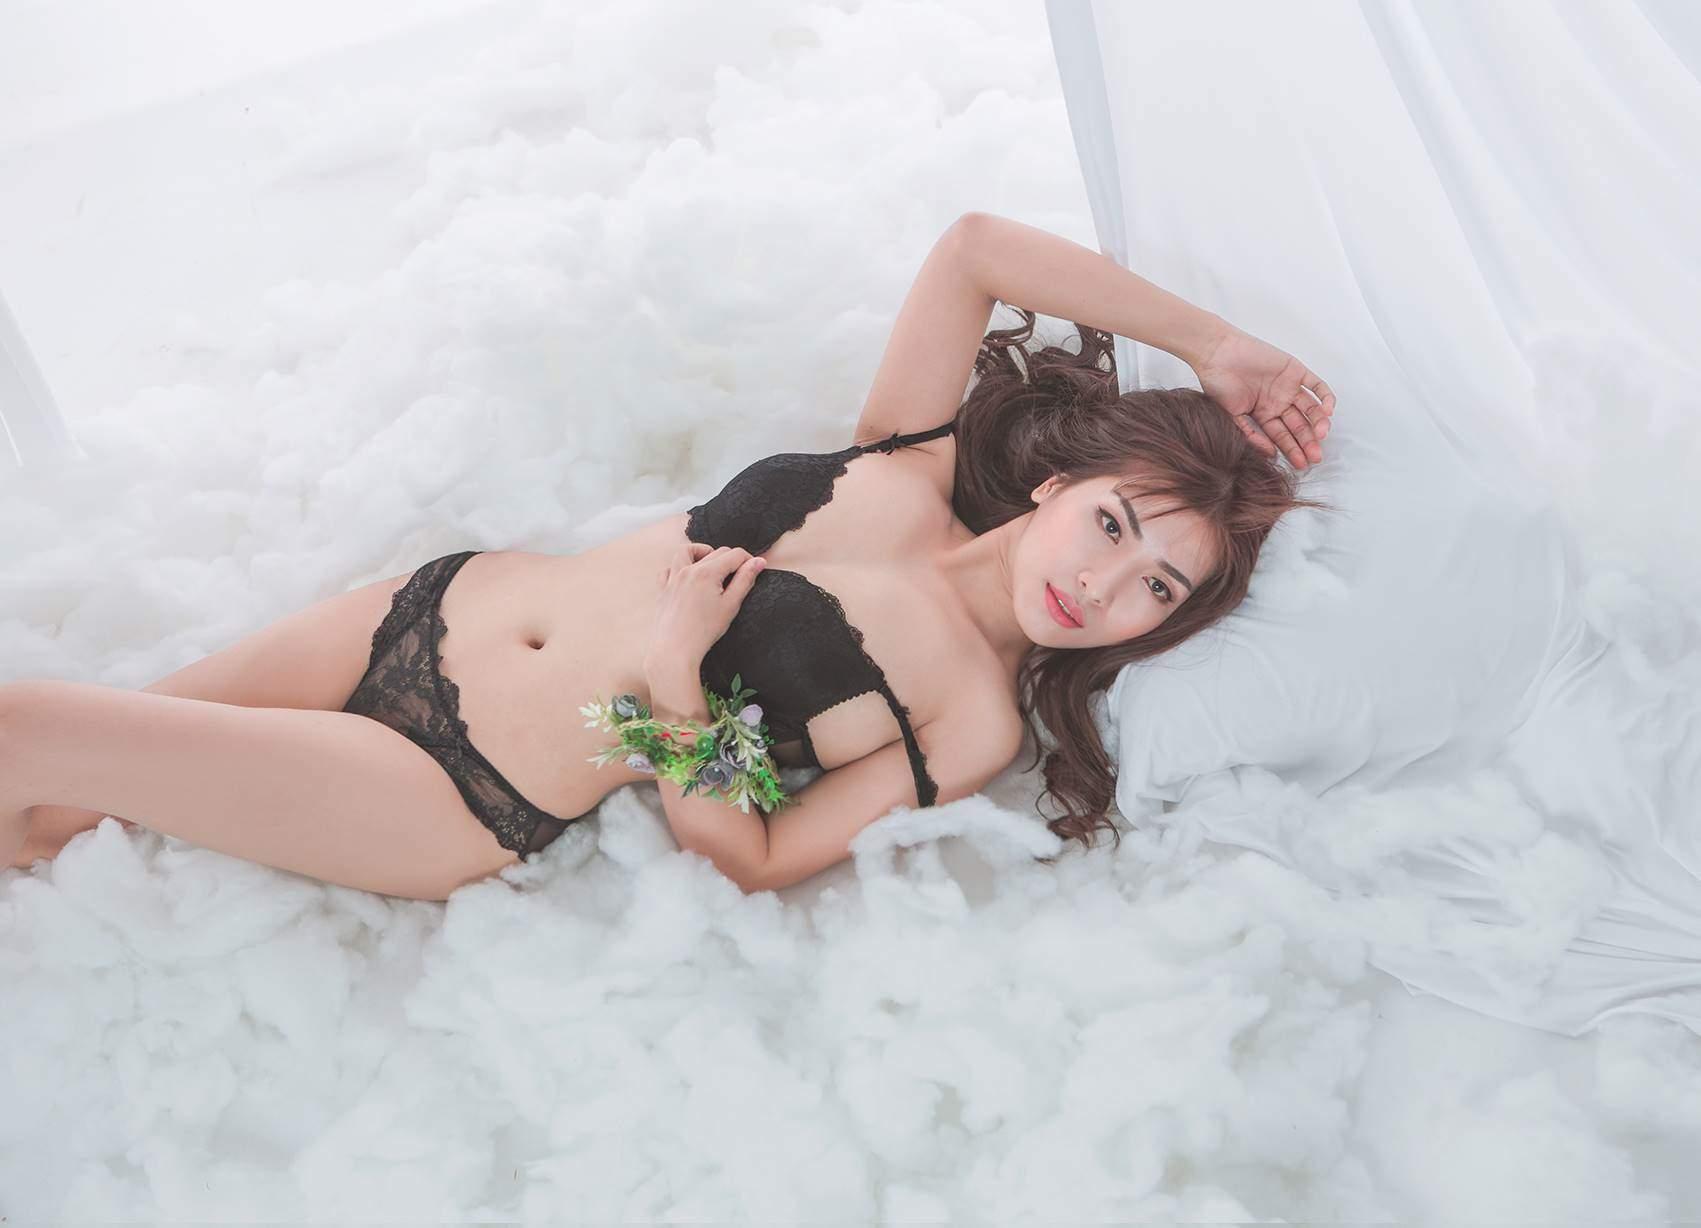 Dịch vụ chụp ảnh nude nghệ thuật